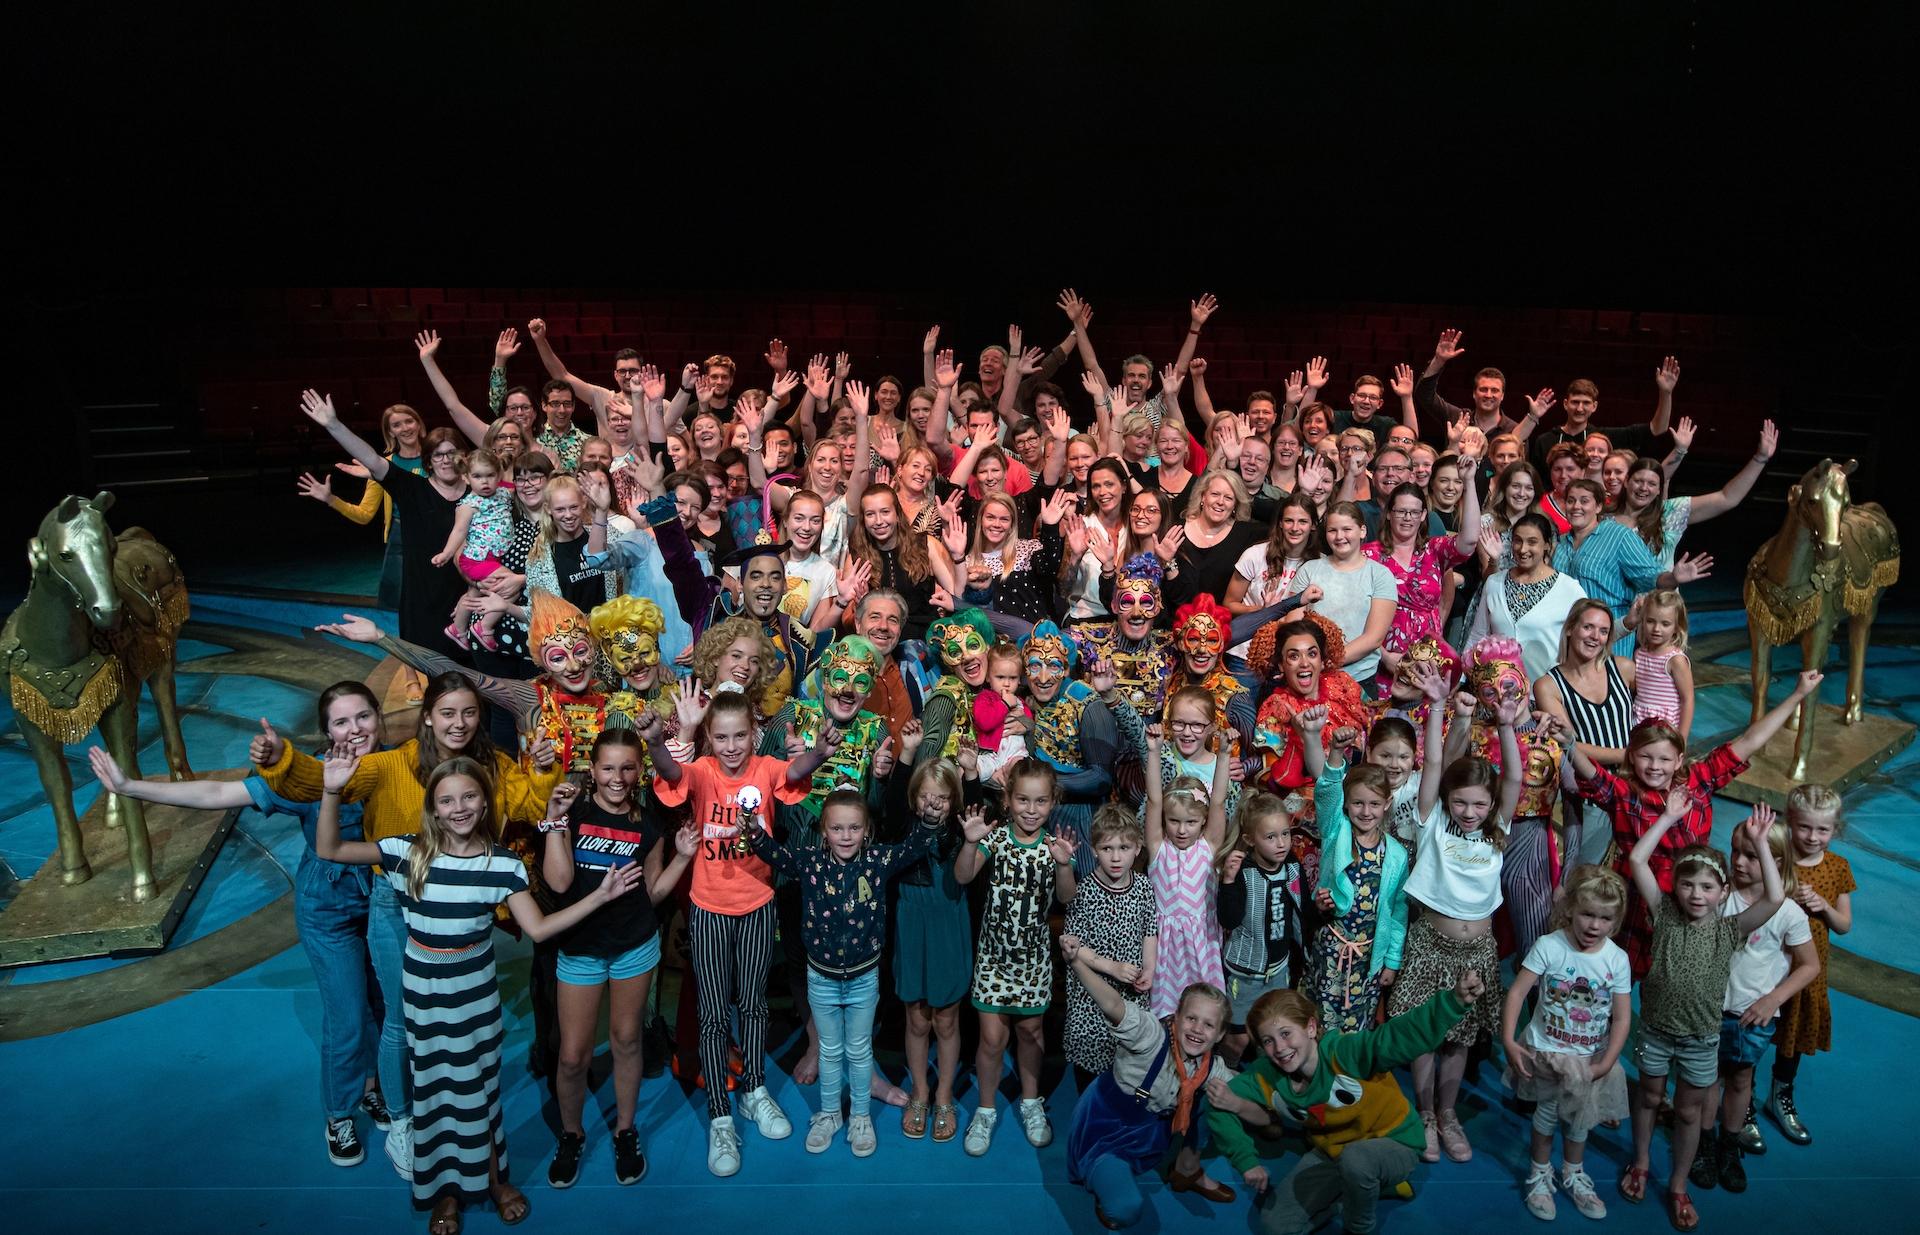 Efteling-theaterproductie CARO viert 1-jarig bestaan